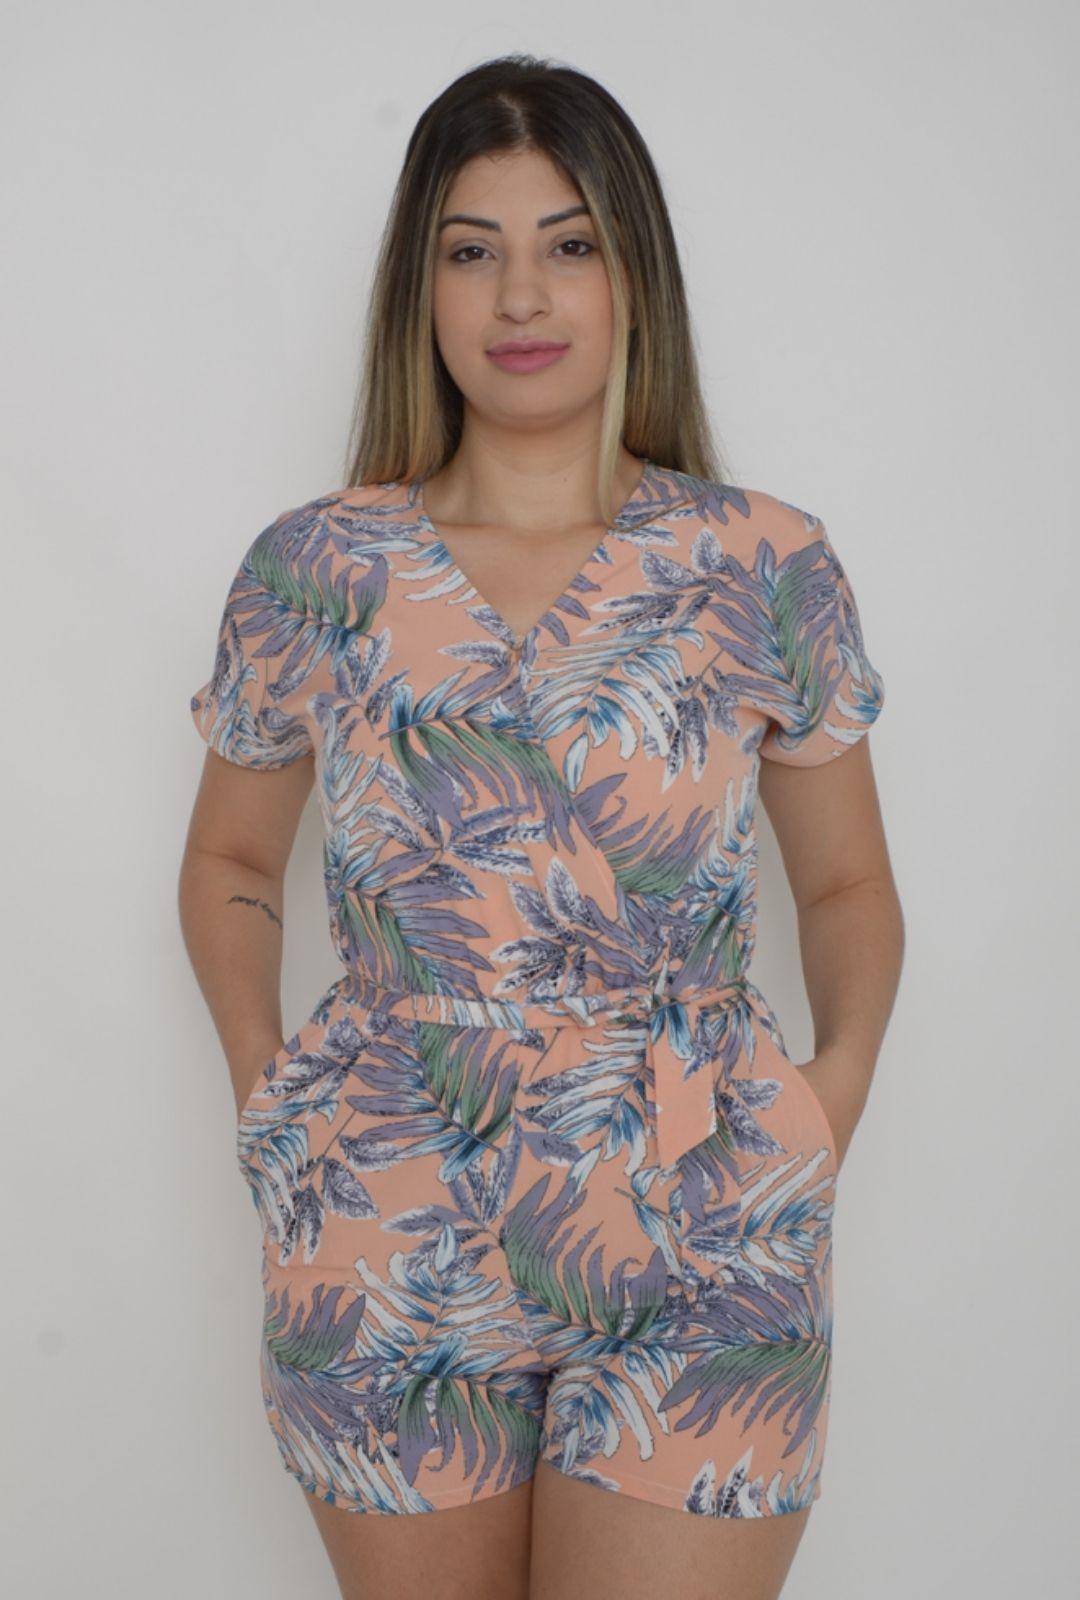 Macaquinho Maju  - ModaStore